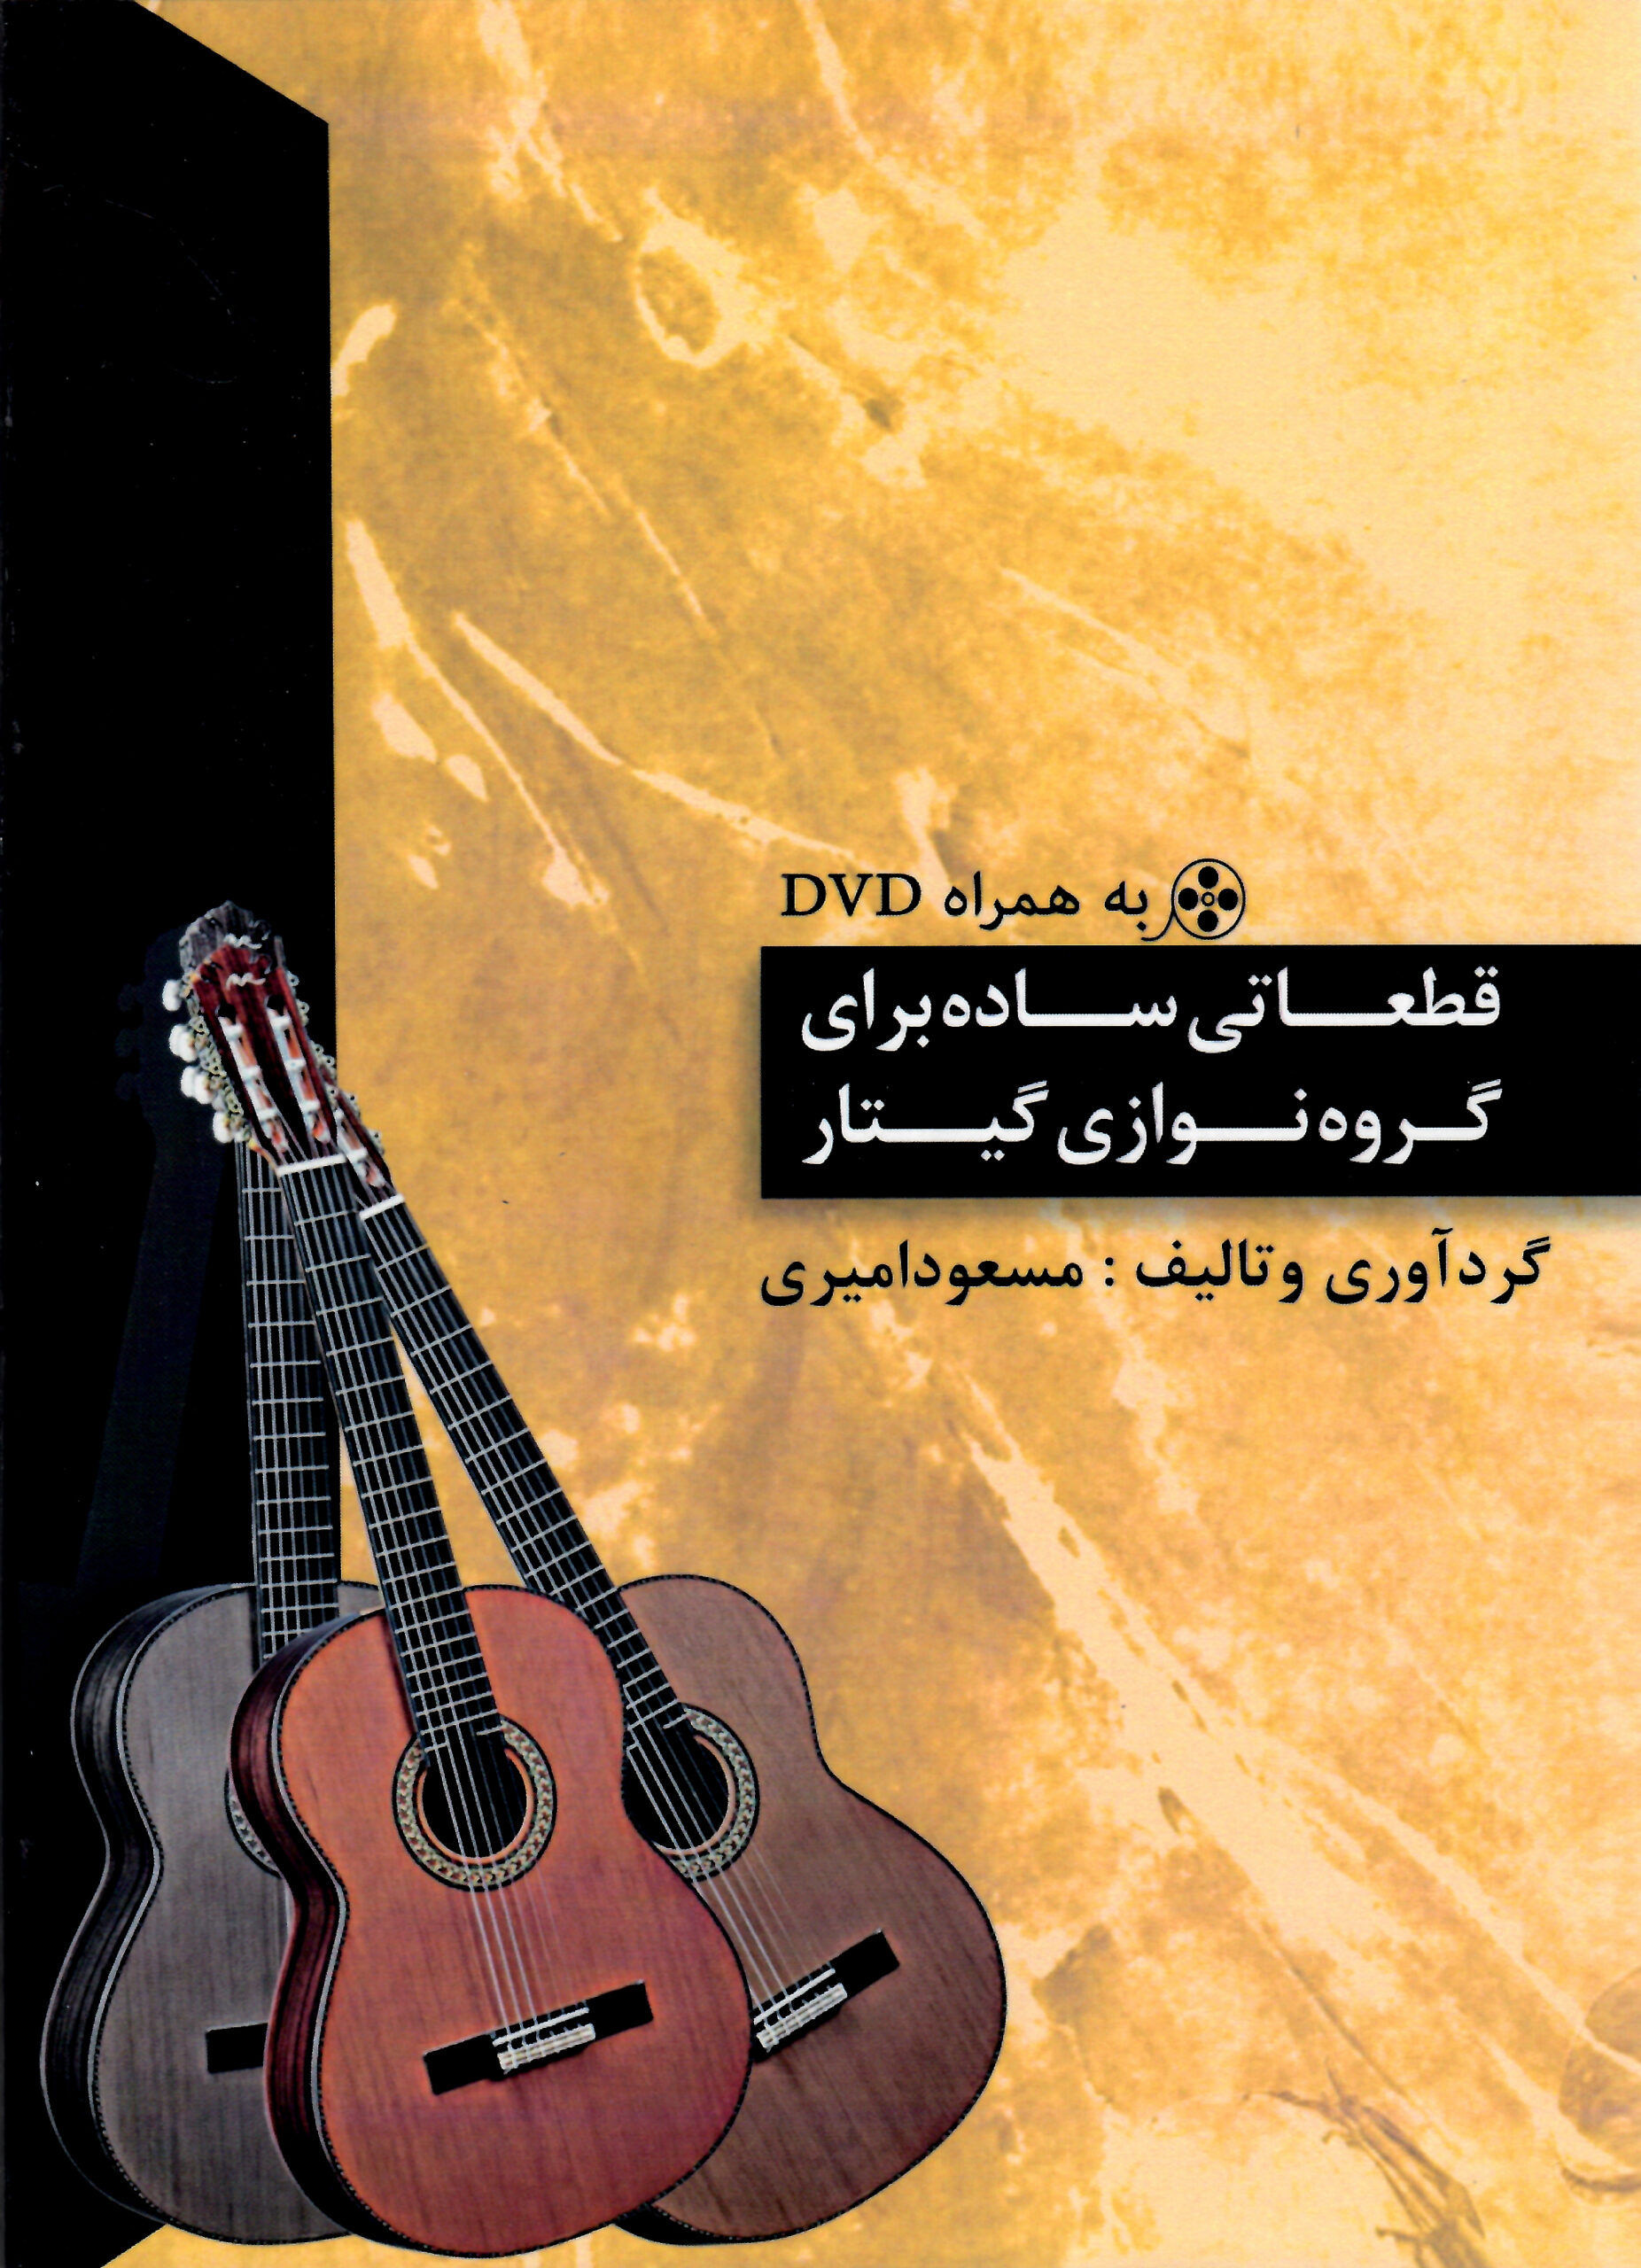 قطعاتی ساده برای گروه نوازی گیتار به همراه لوح فشرده / مسعود امیری